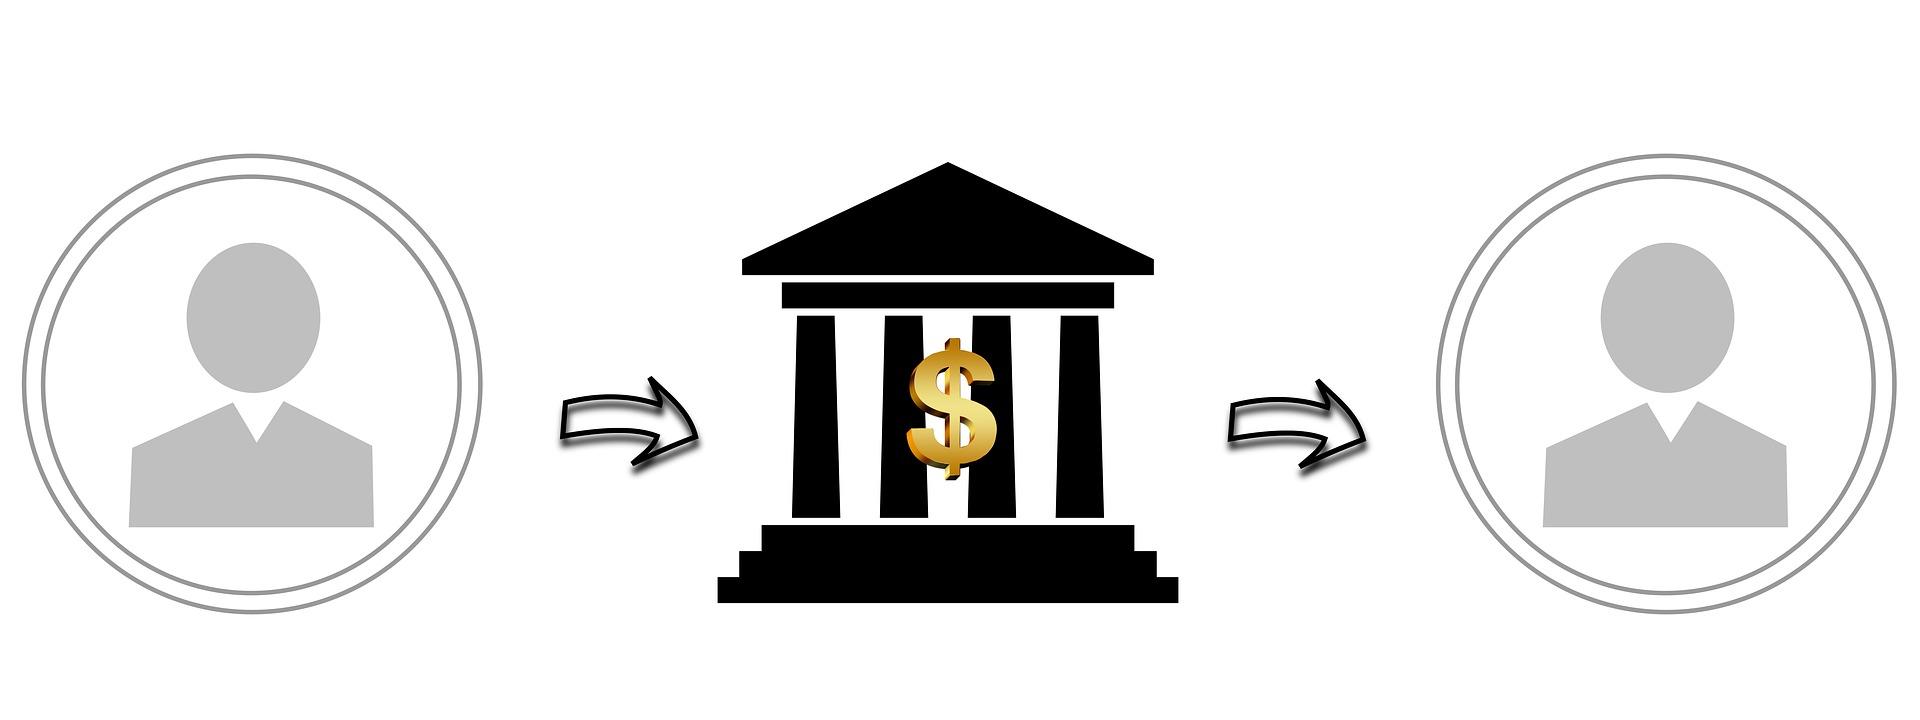 chuyển tiền khác ngân hàng mất phí bao nhiêu